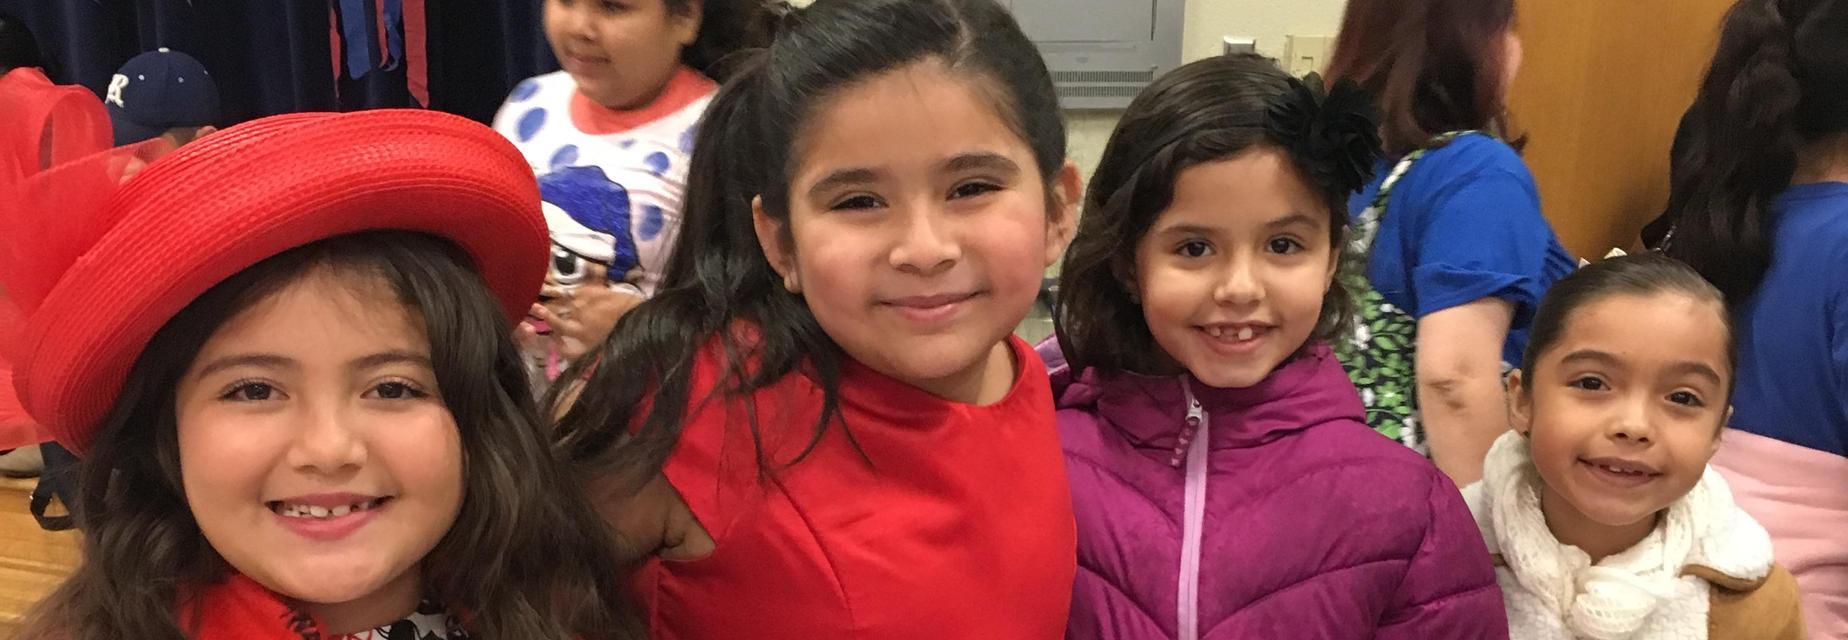 Spanish Oral Reader girls smiling